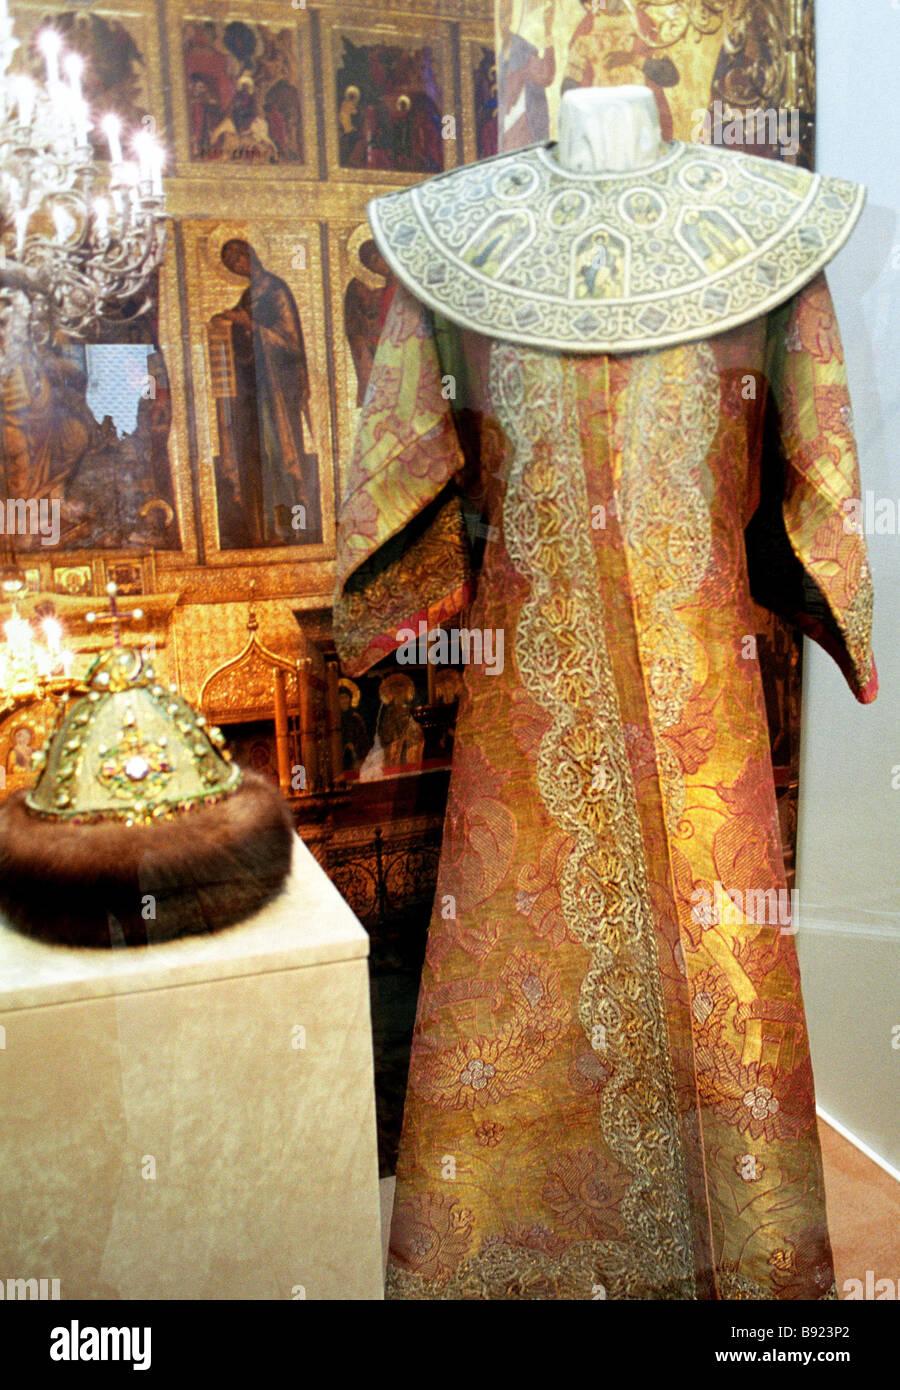 Abbigliamento formale dello zar russo realizzato in unico XVI XVII secolo tessile italiana sul display in Italia Immagini Stock